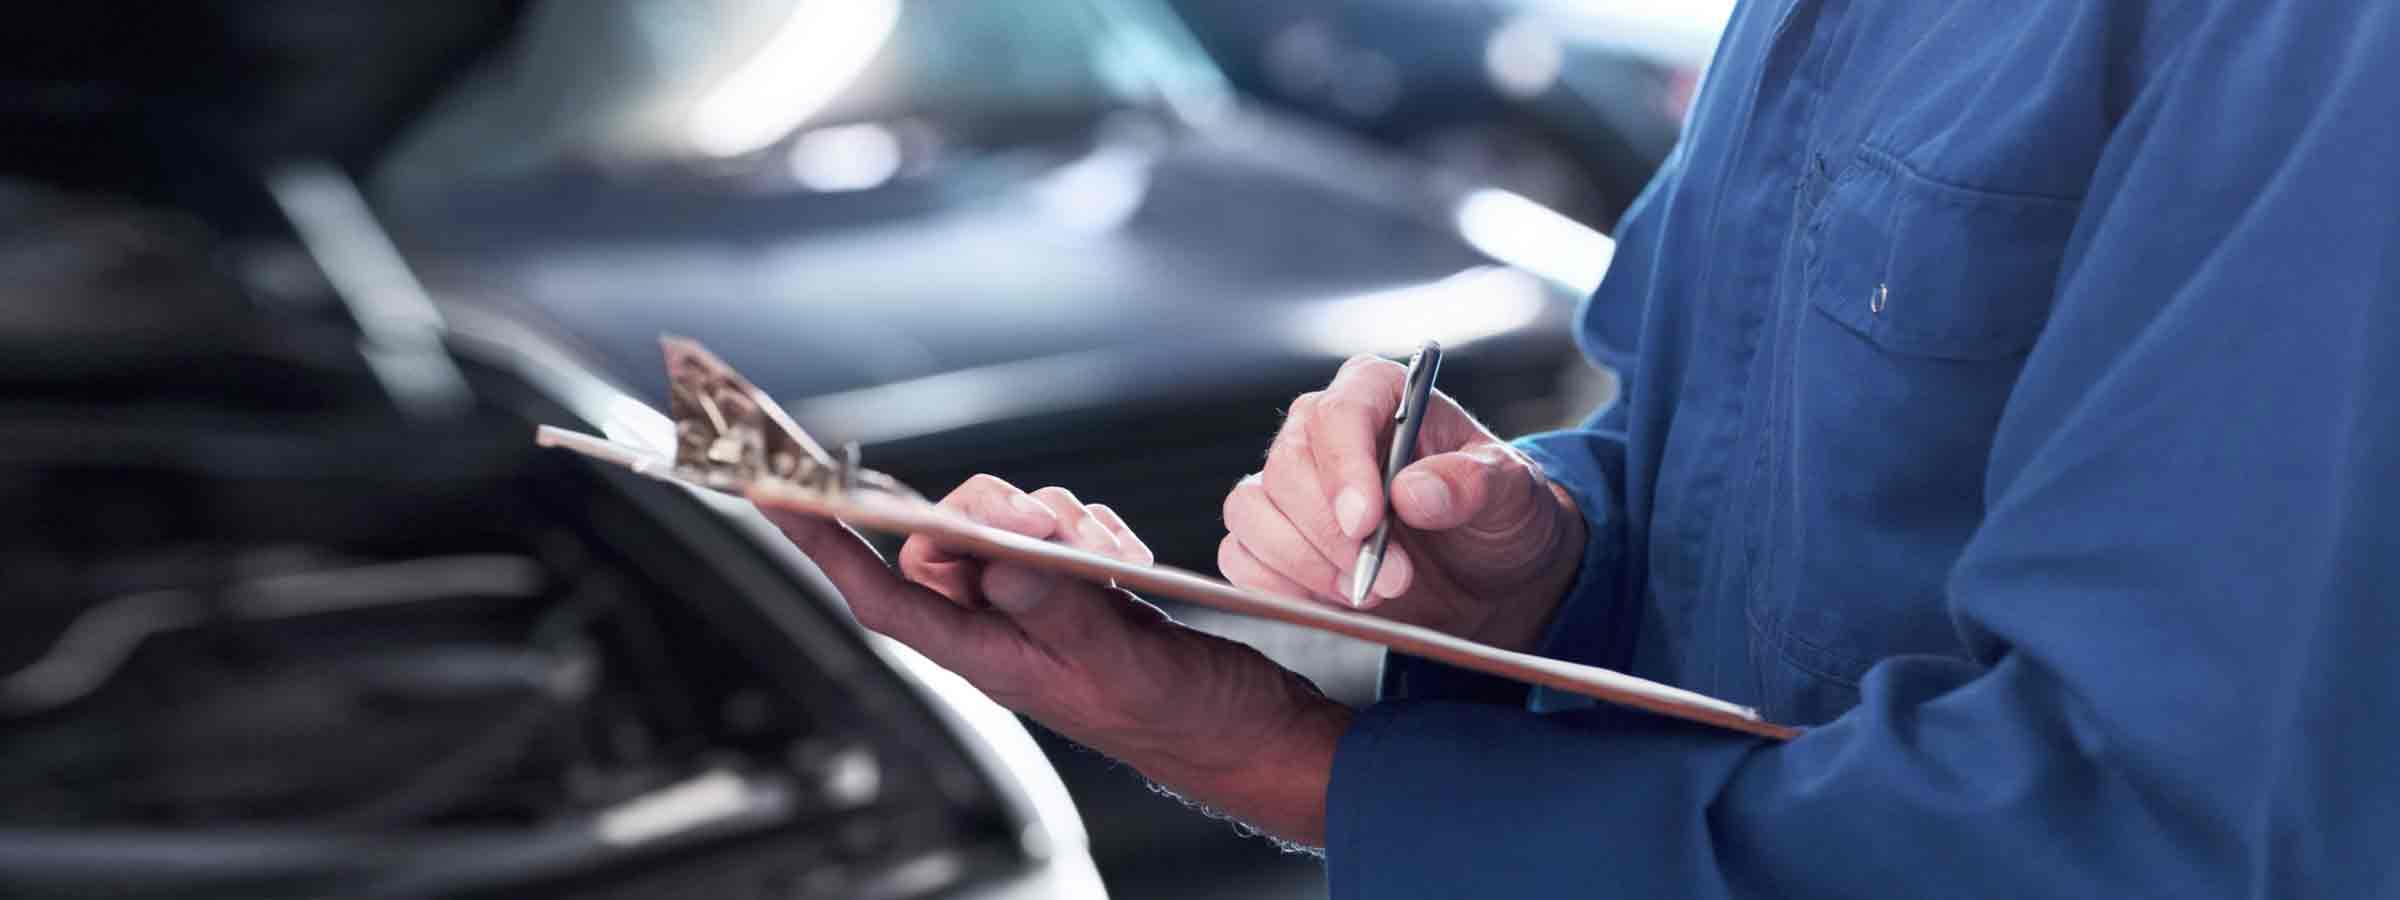 Autogarage Service und Werkstatt Termin finden